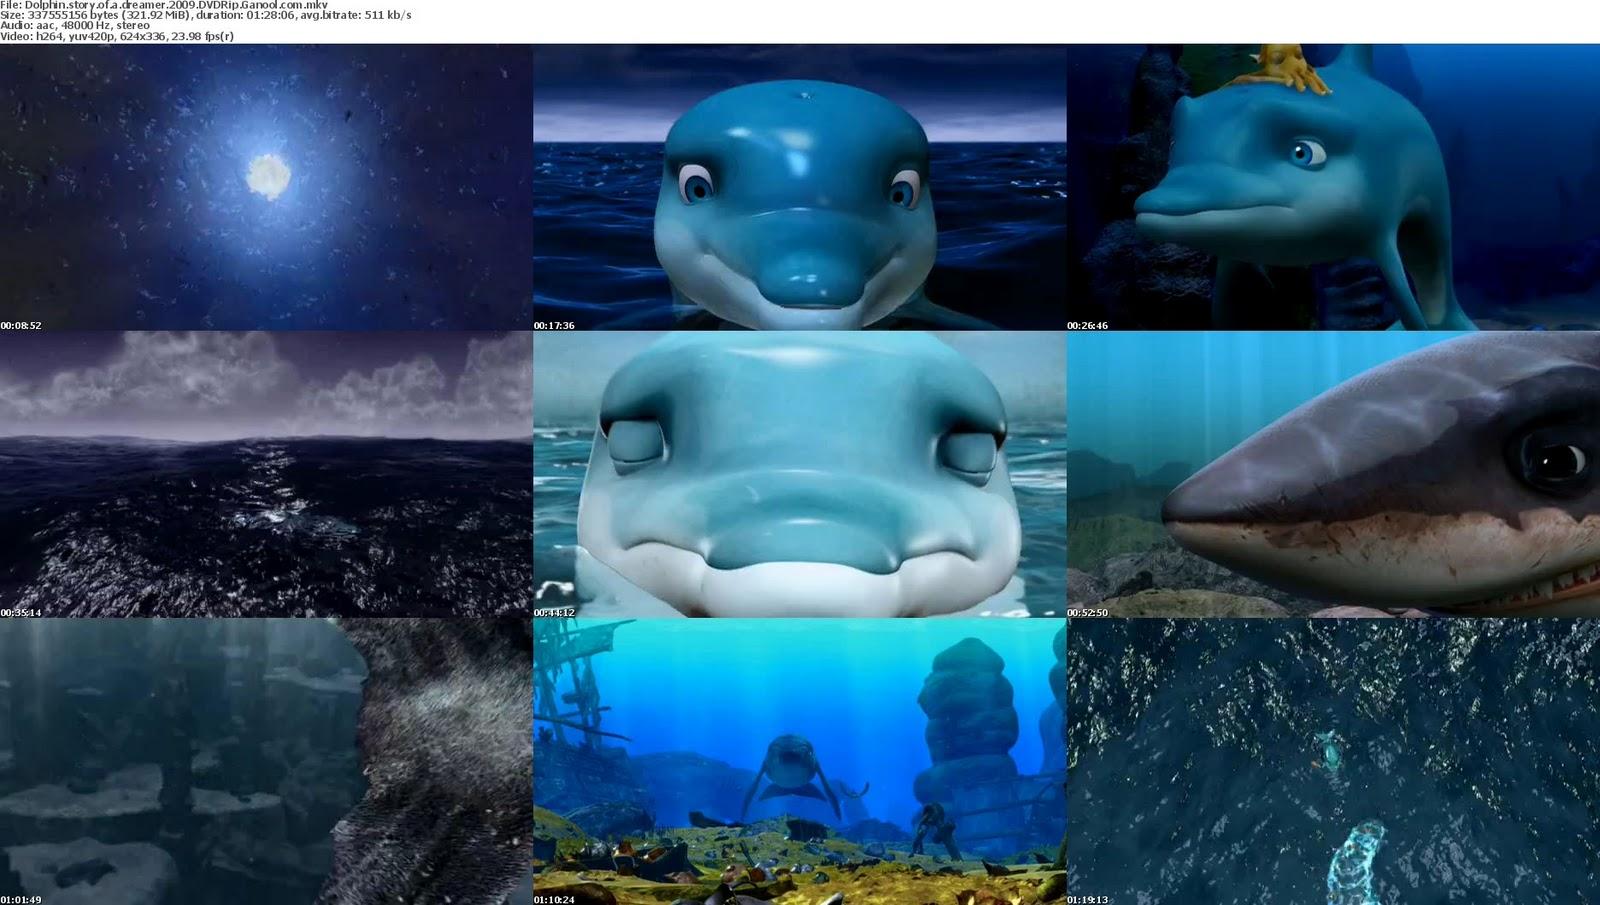 http://2.bp.blogspot.com/_RvtUEY2b-mI/TQRjZEs5KhI/AAAAAAAACZg/luVenpYHrnM/s1600/The+Dolphin+Story+Of+a+Dreamer+Screen.jpg